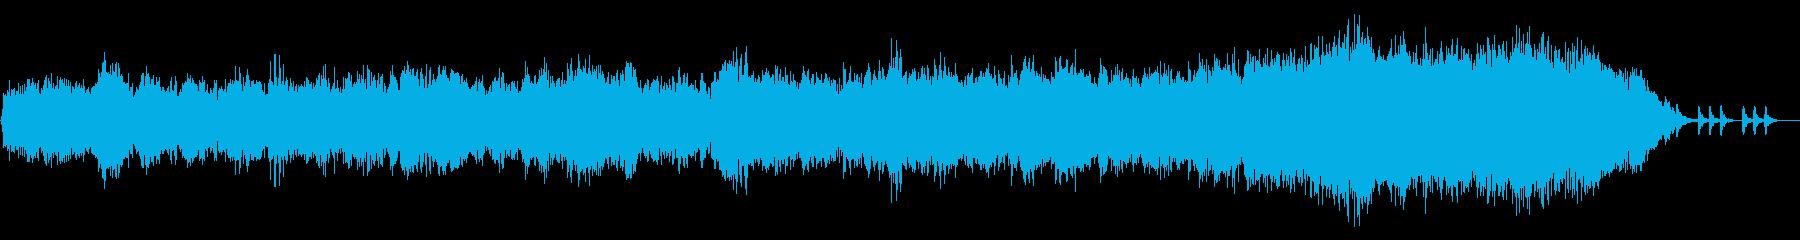 神々しいエレクトロなアンビエントの再生済みの波形